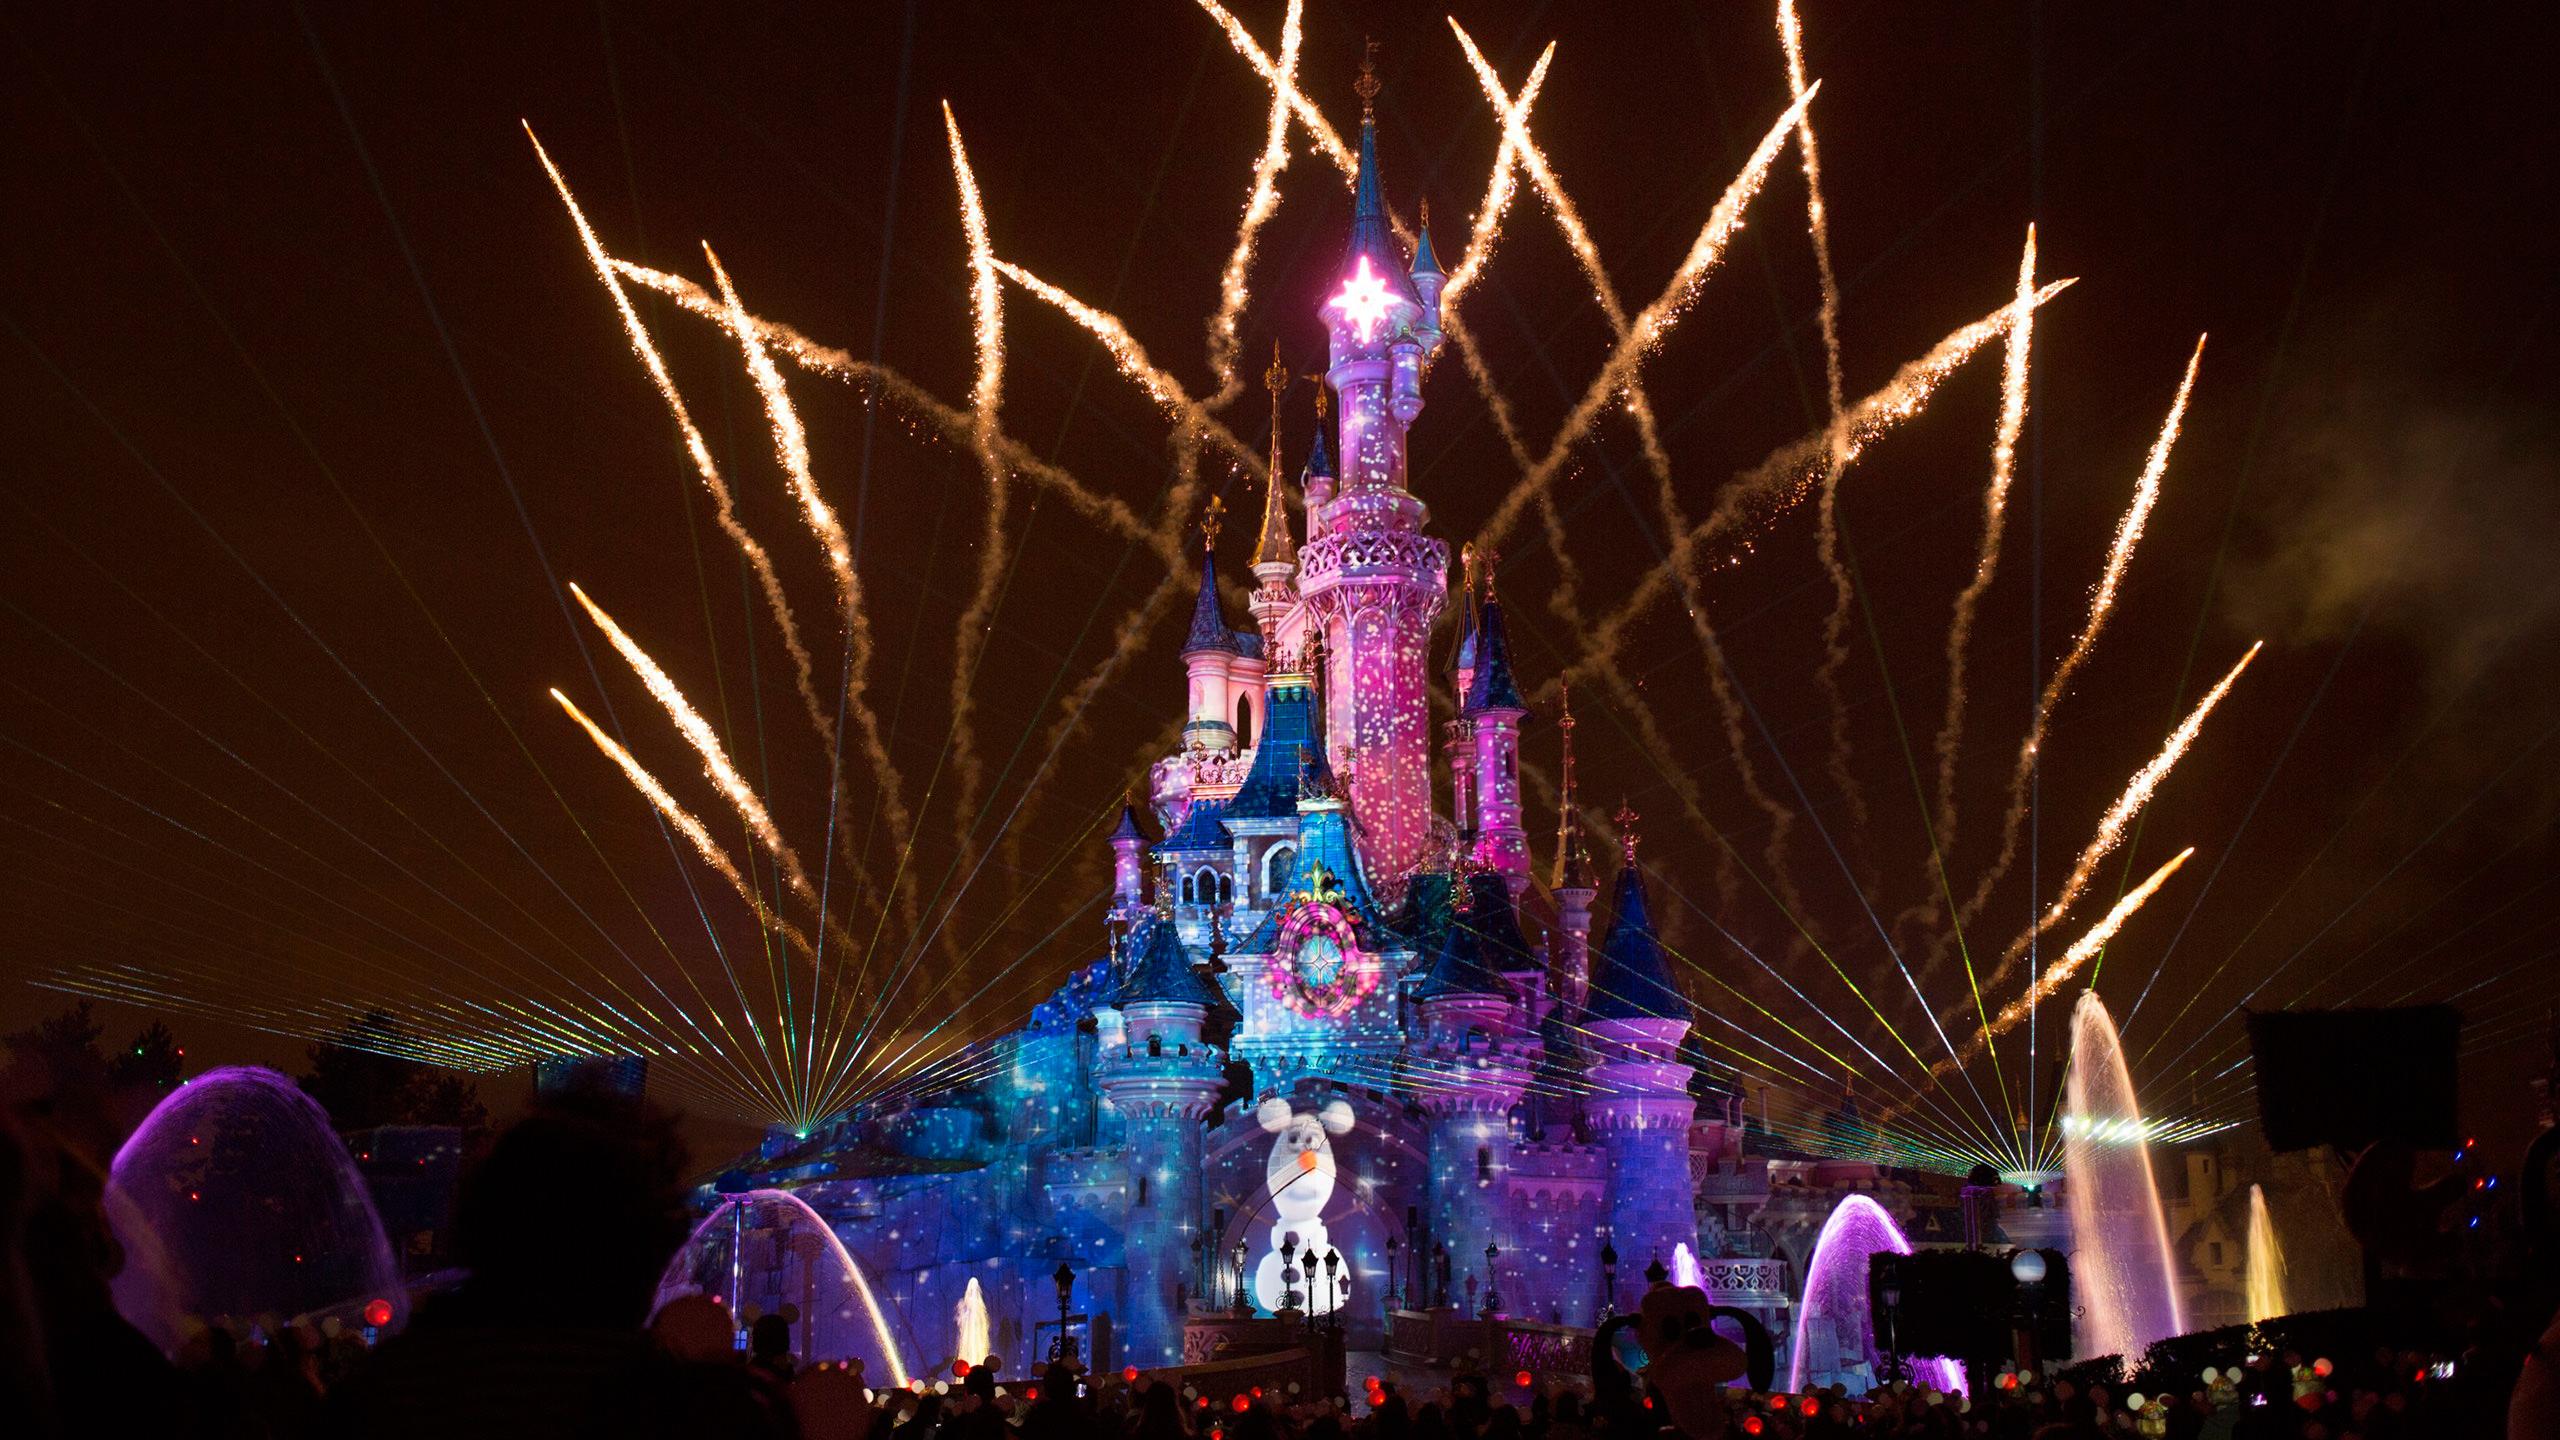 #AD641E Hello Disneyland : Le Blog N°1 Sur Disneyland Paris Le  6653 Date Des Decorations De Noel A Paris 2015 2560x1440 px @ aertt.com